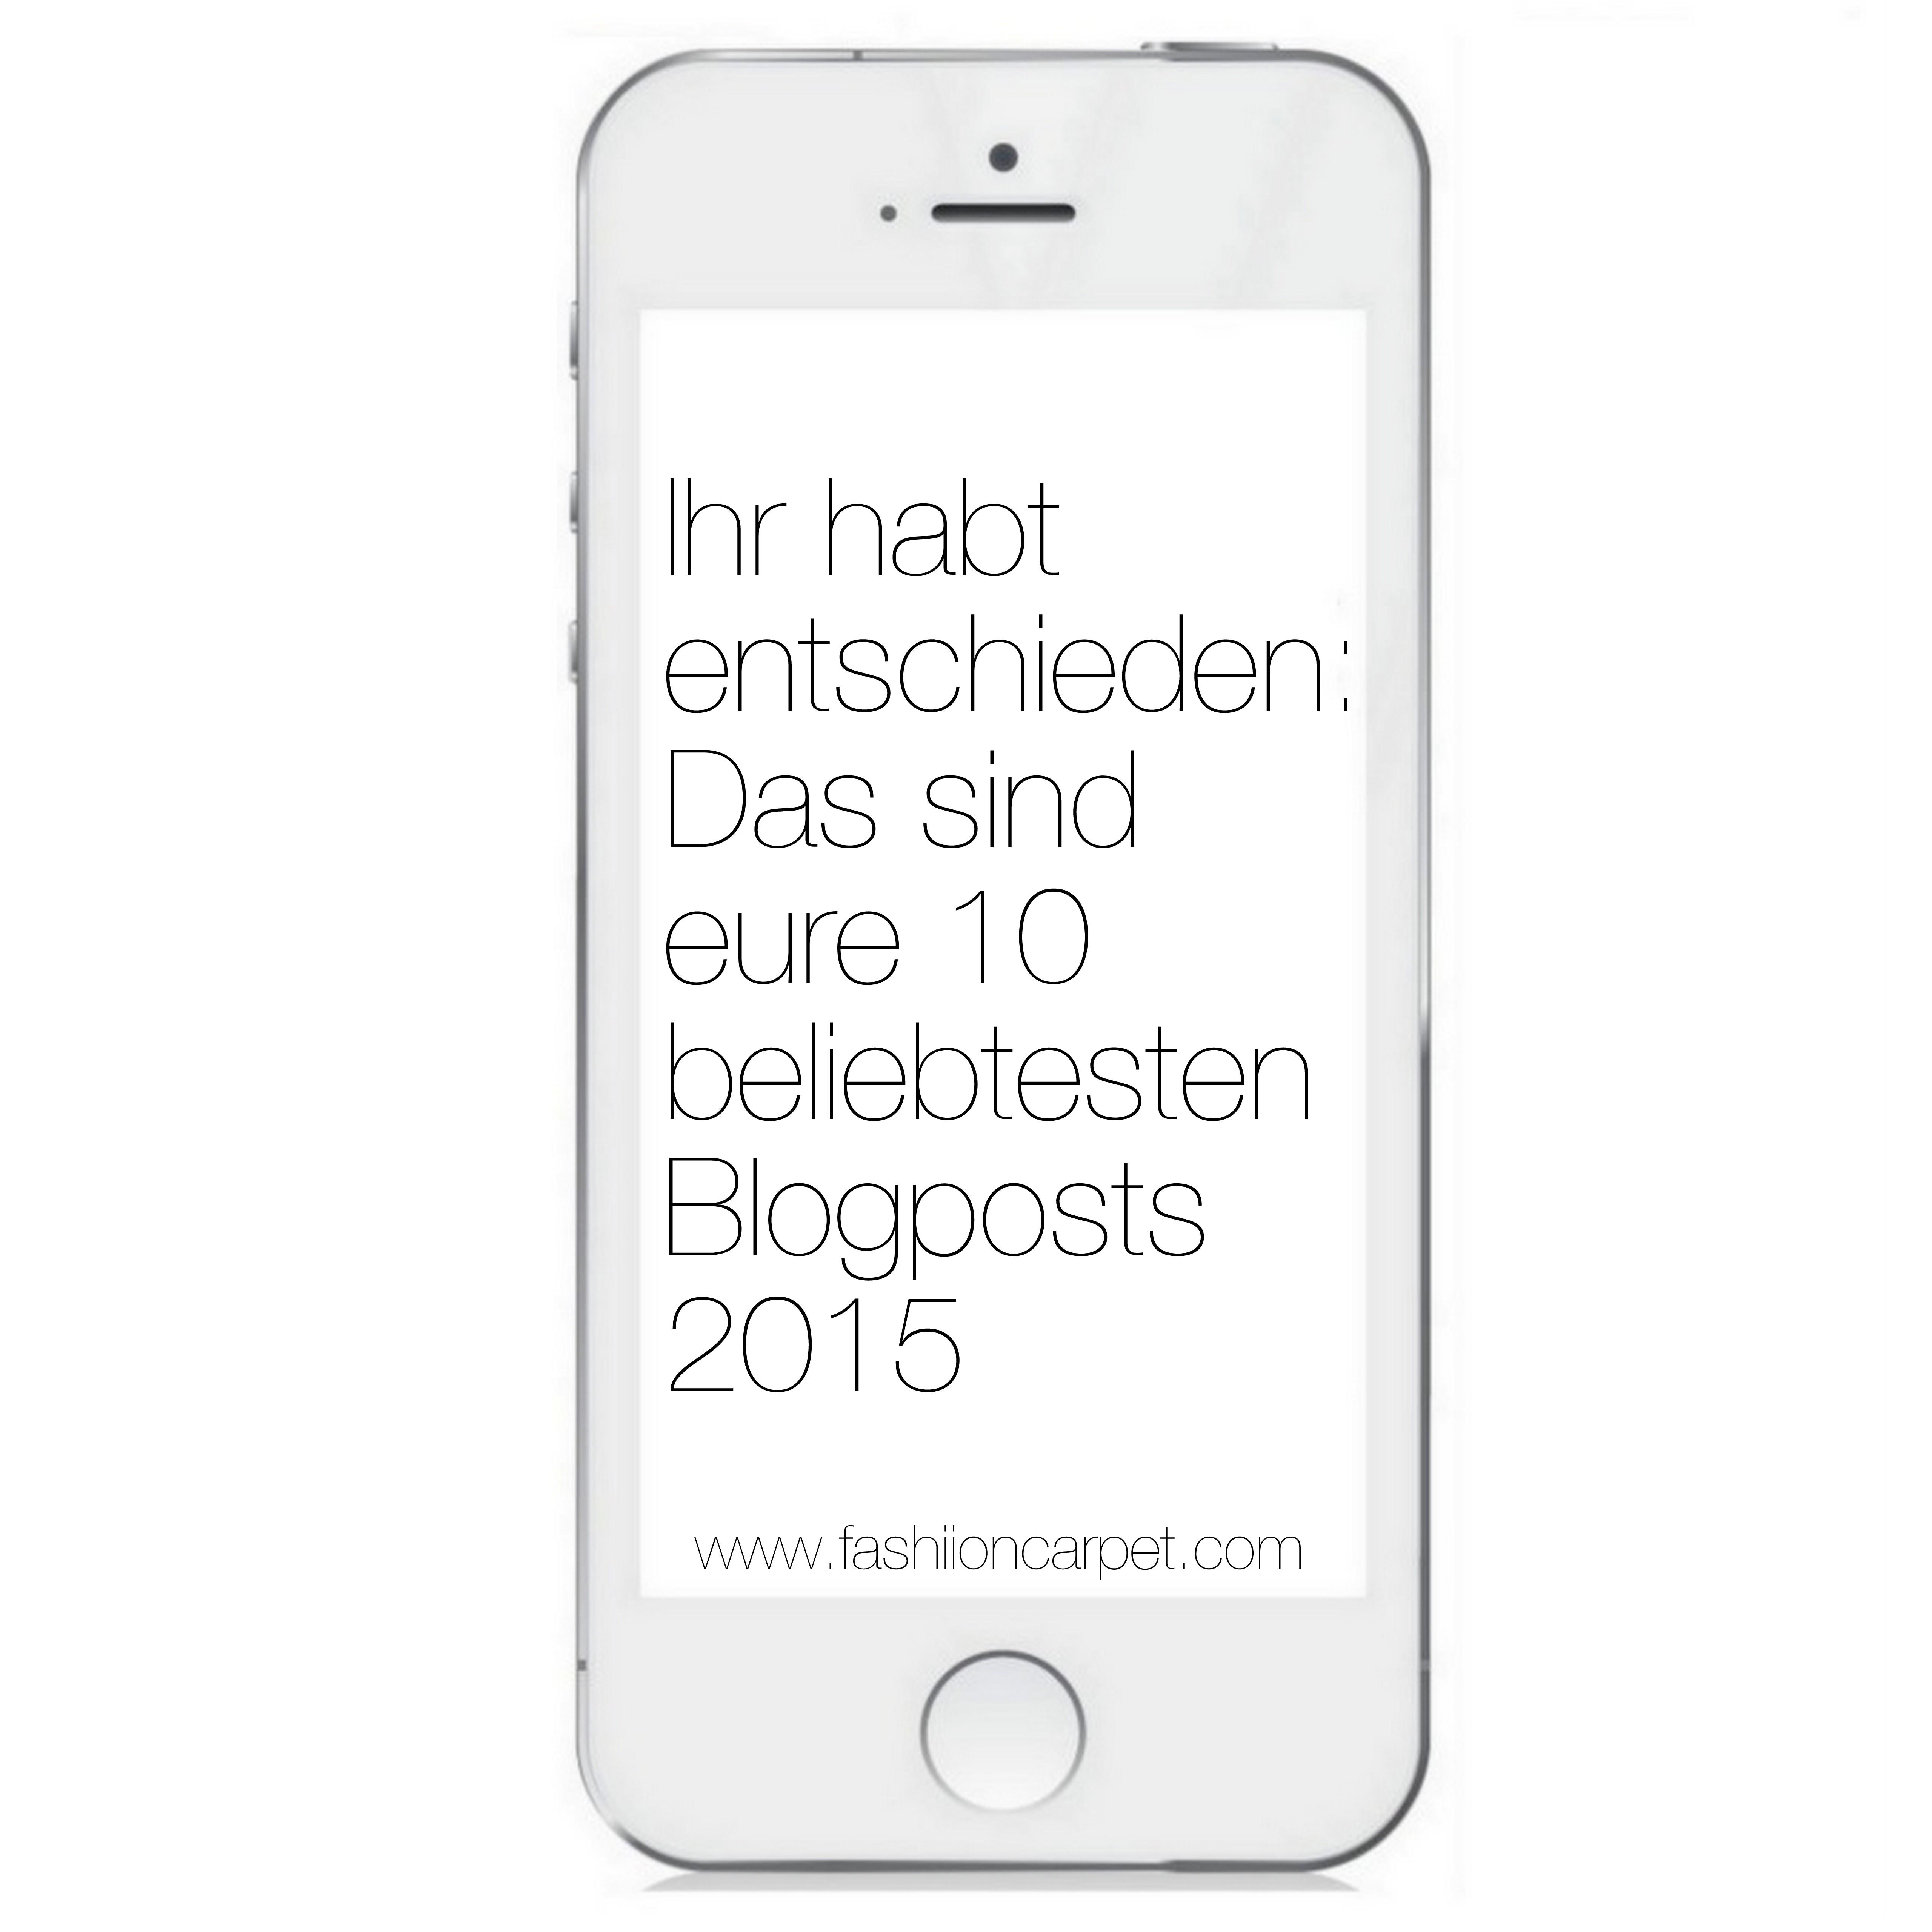 Fashionbloggermünchen-fashionblogger-blogger-fashionblog-münchen-munich-fashion-outfit-mode-style-streetstyle-bloggerstreetstyle-fashiioncarpet-fashiioncarpet-look-ootd-fashionblogdeutschland-deutscherfashionblogger-fashionbloggergermany-germanblogger-fashionbloggerdeutschland-deutschland-fashionblogger-layering- Deutschland-fashionbloggerdeutschland-Fashionbloggermünchen-fashionblogger-blogger-fashionblog-münchen-munich-fashion-outfit-mode-style-streetstyle-bloggerstreetstyle-fashiioncarpet-fashiioncarpet-look-ootd-fashionblogdeutschland-deutscherfashionblogger-fashionbloggergermany-germanblogger-fashionbloggermany-modeblogmünchen-modebloggermany-fashionbloggerdeutschland-fashionblogger-deutschland-fashionblog-deutschland-fashionblogdeutschland-jahresrückblick